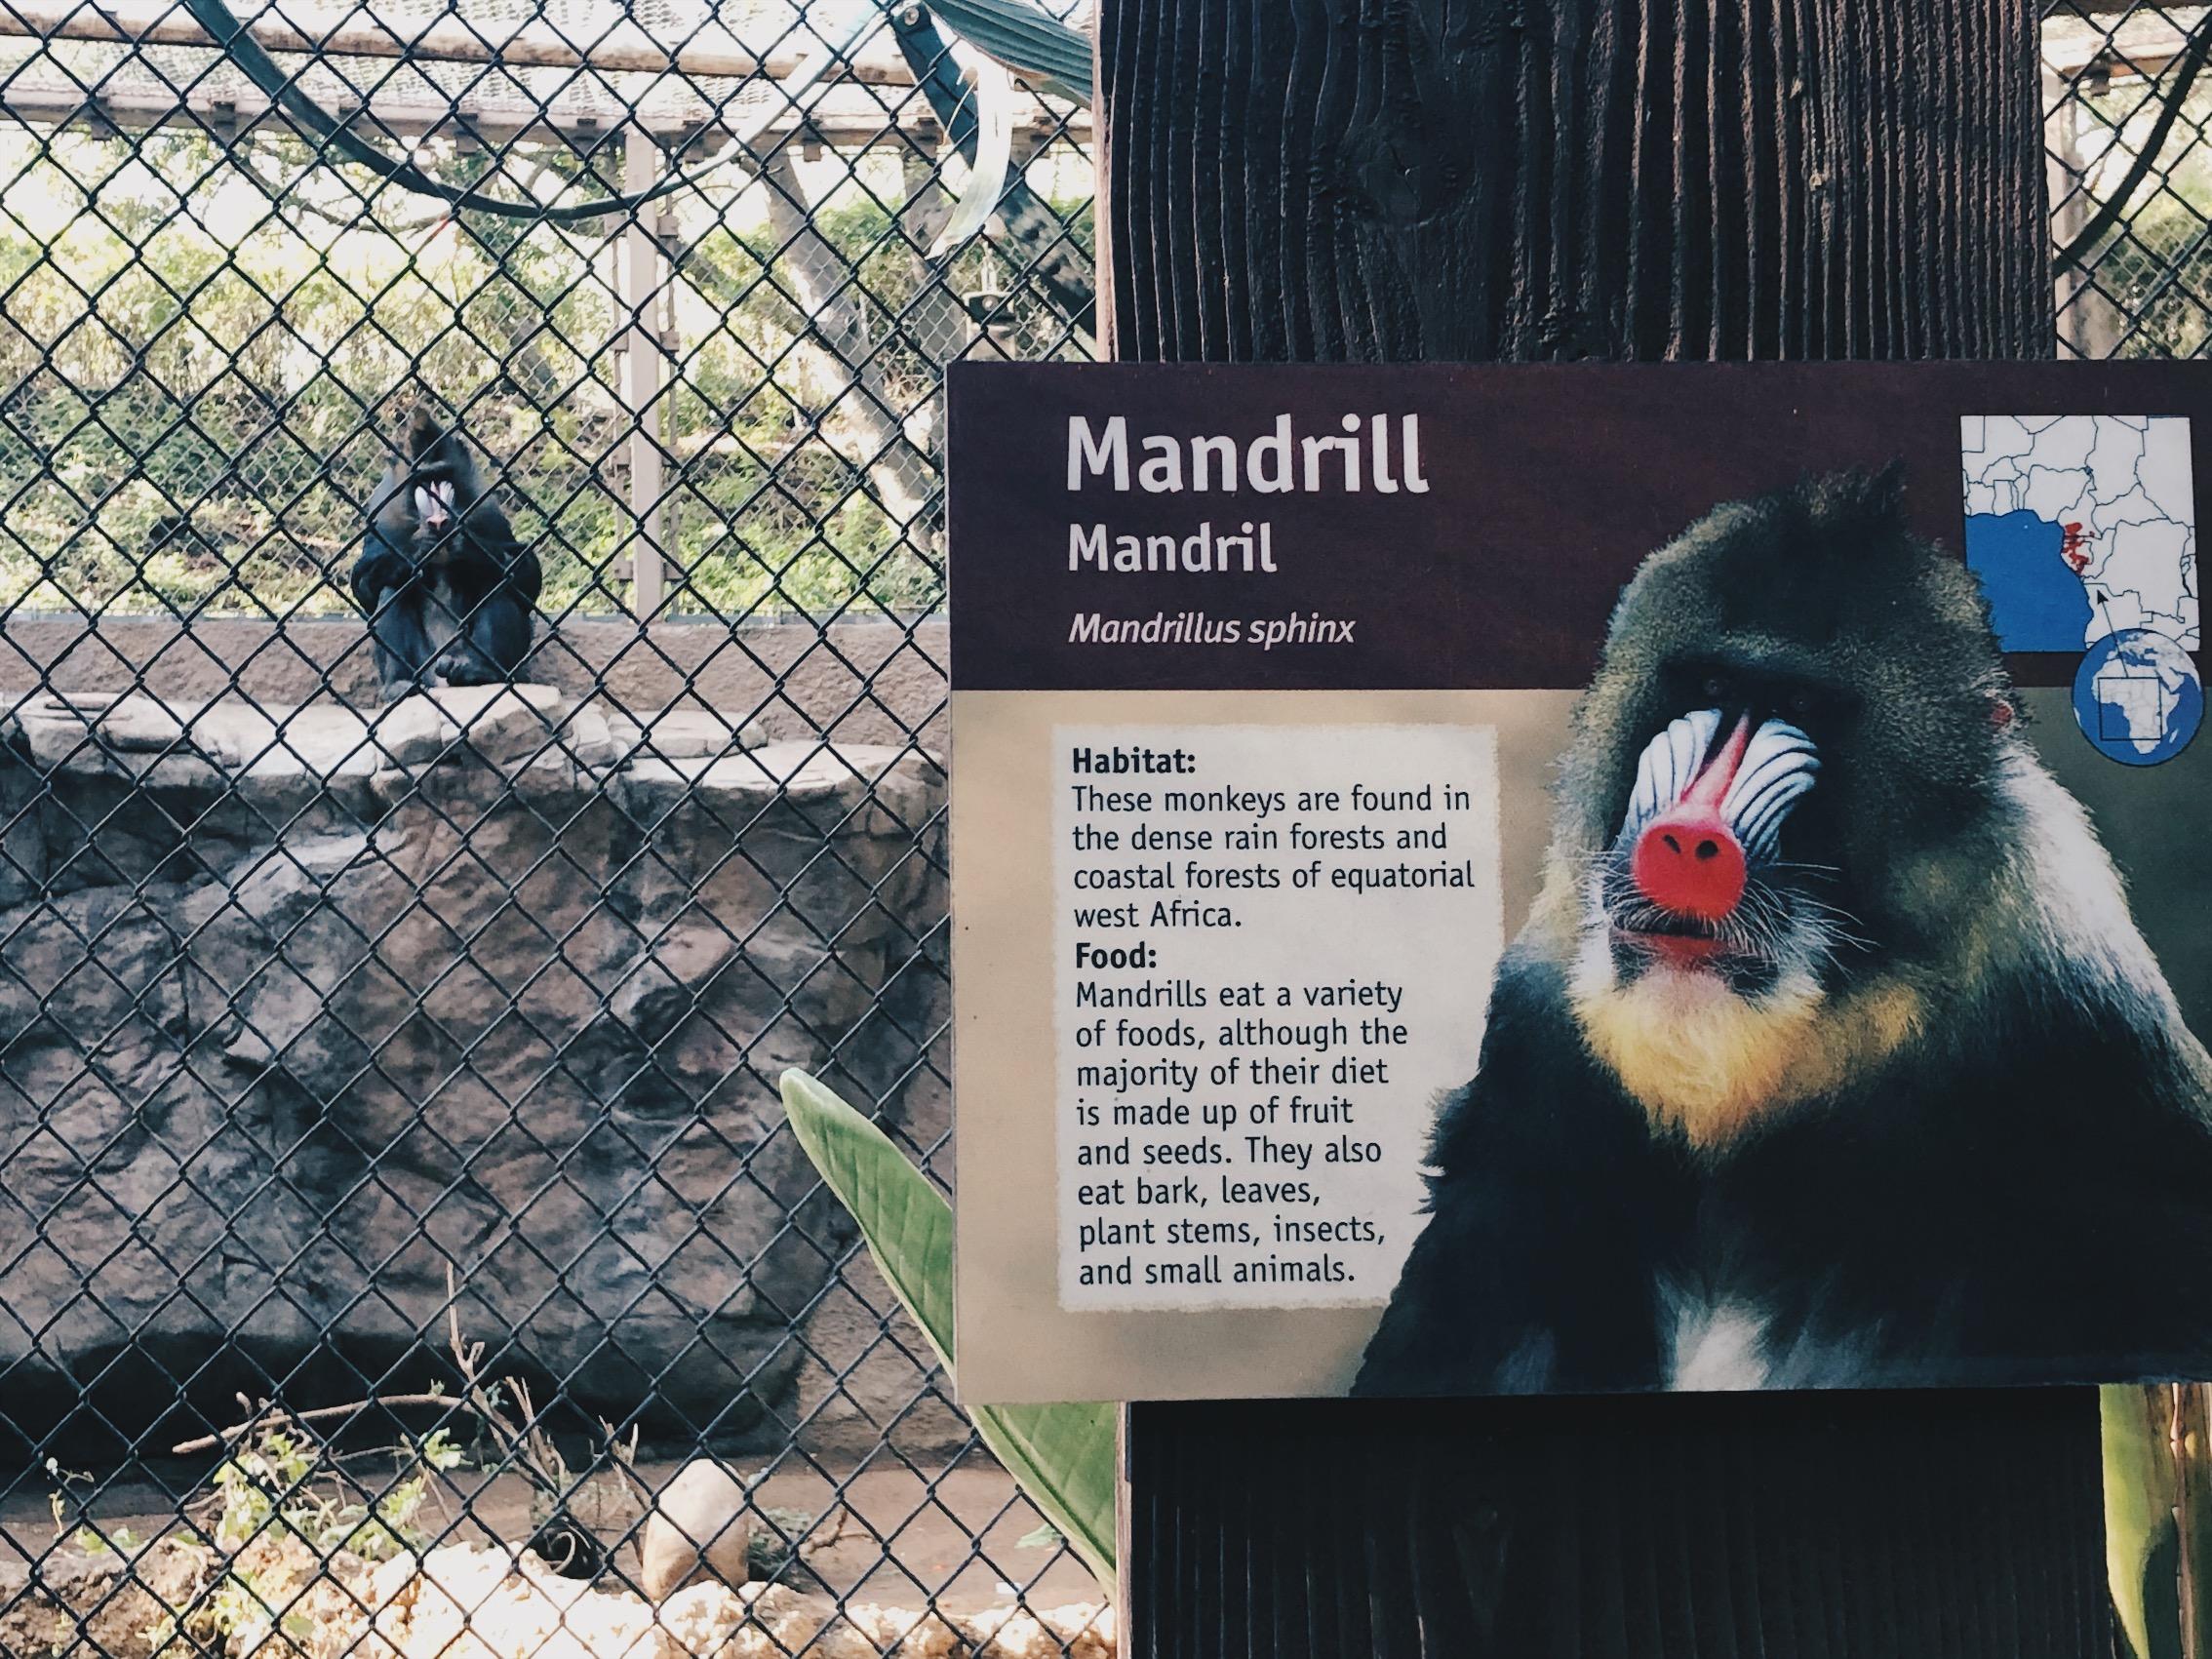 Tämä Mandrill jäi erityisesti mieleeni. Samoin kuin Komodo Dragon jollaisen haluaisin jonain päivänä nähdä luonnossa.